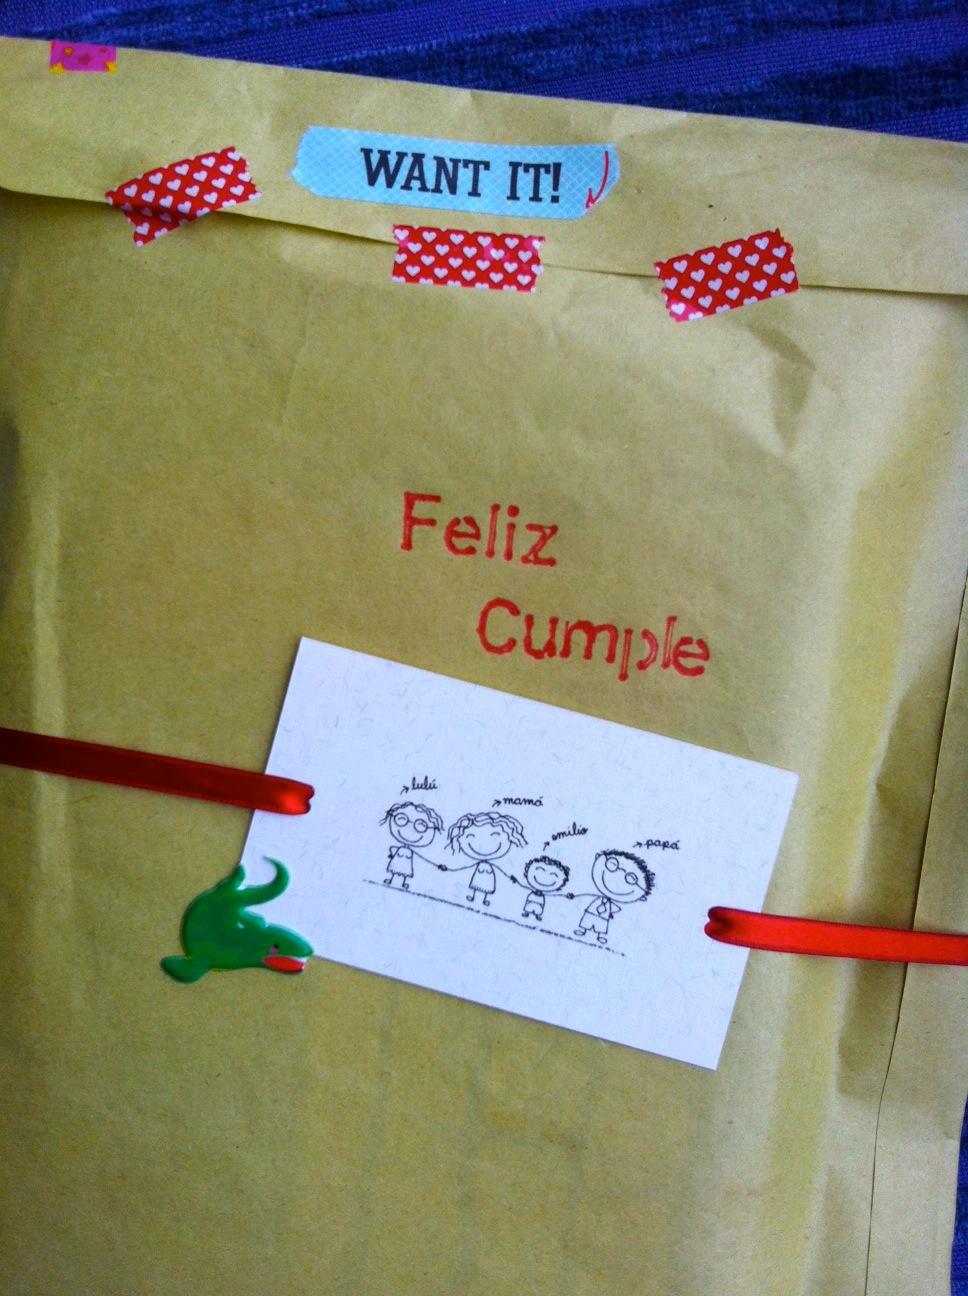 De cómo decorar regalos (no sólo empacar) | lapensadera.com